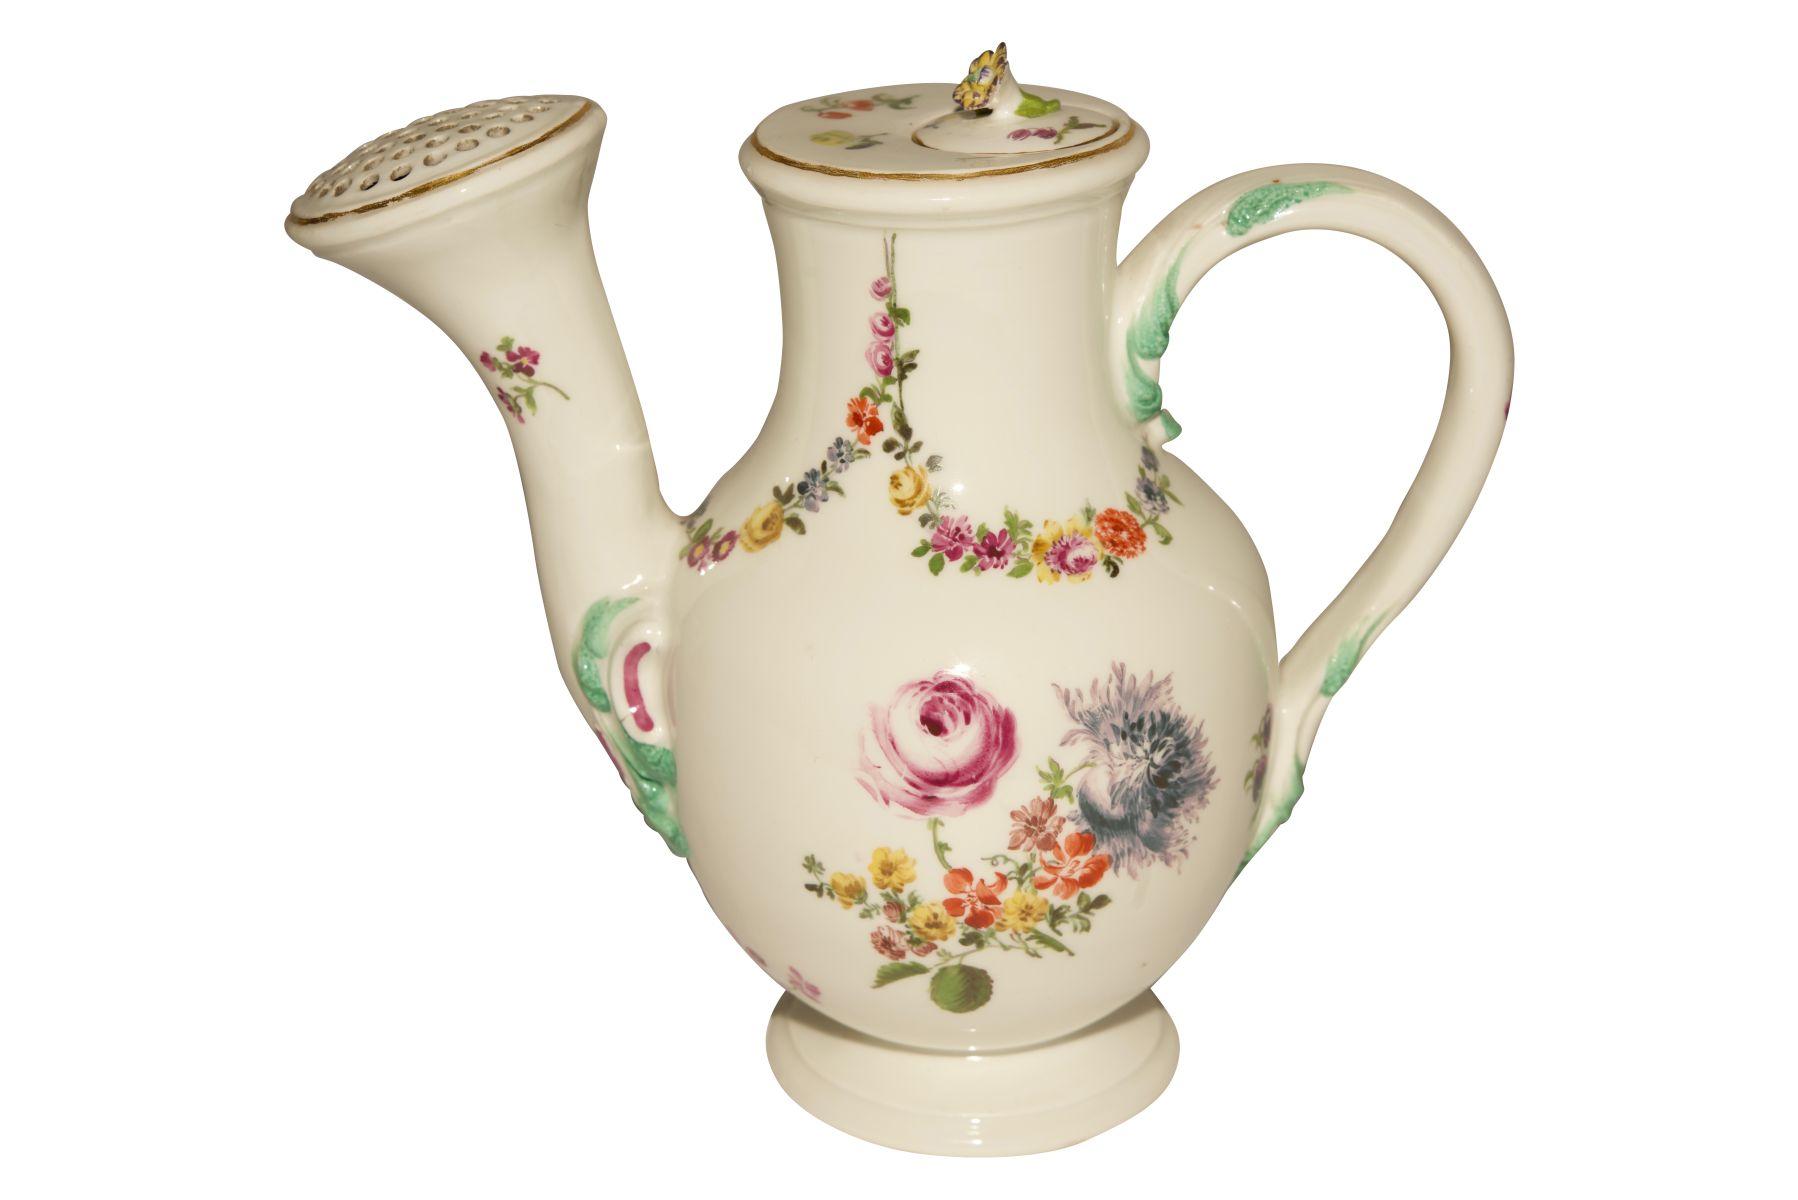 Blumenkannen auf Présentoir Meissen 1730 - Bild 3 aus 8